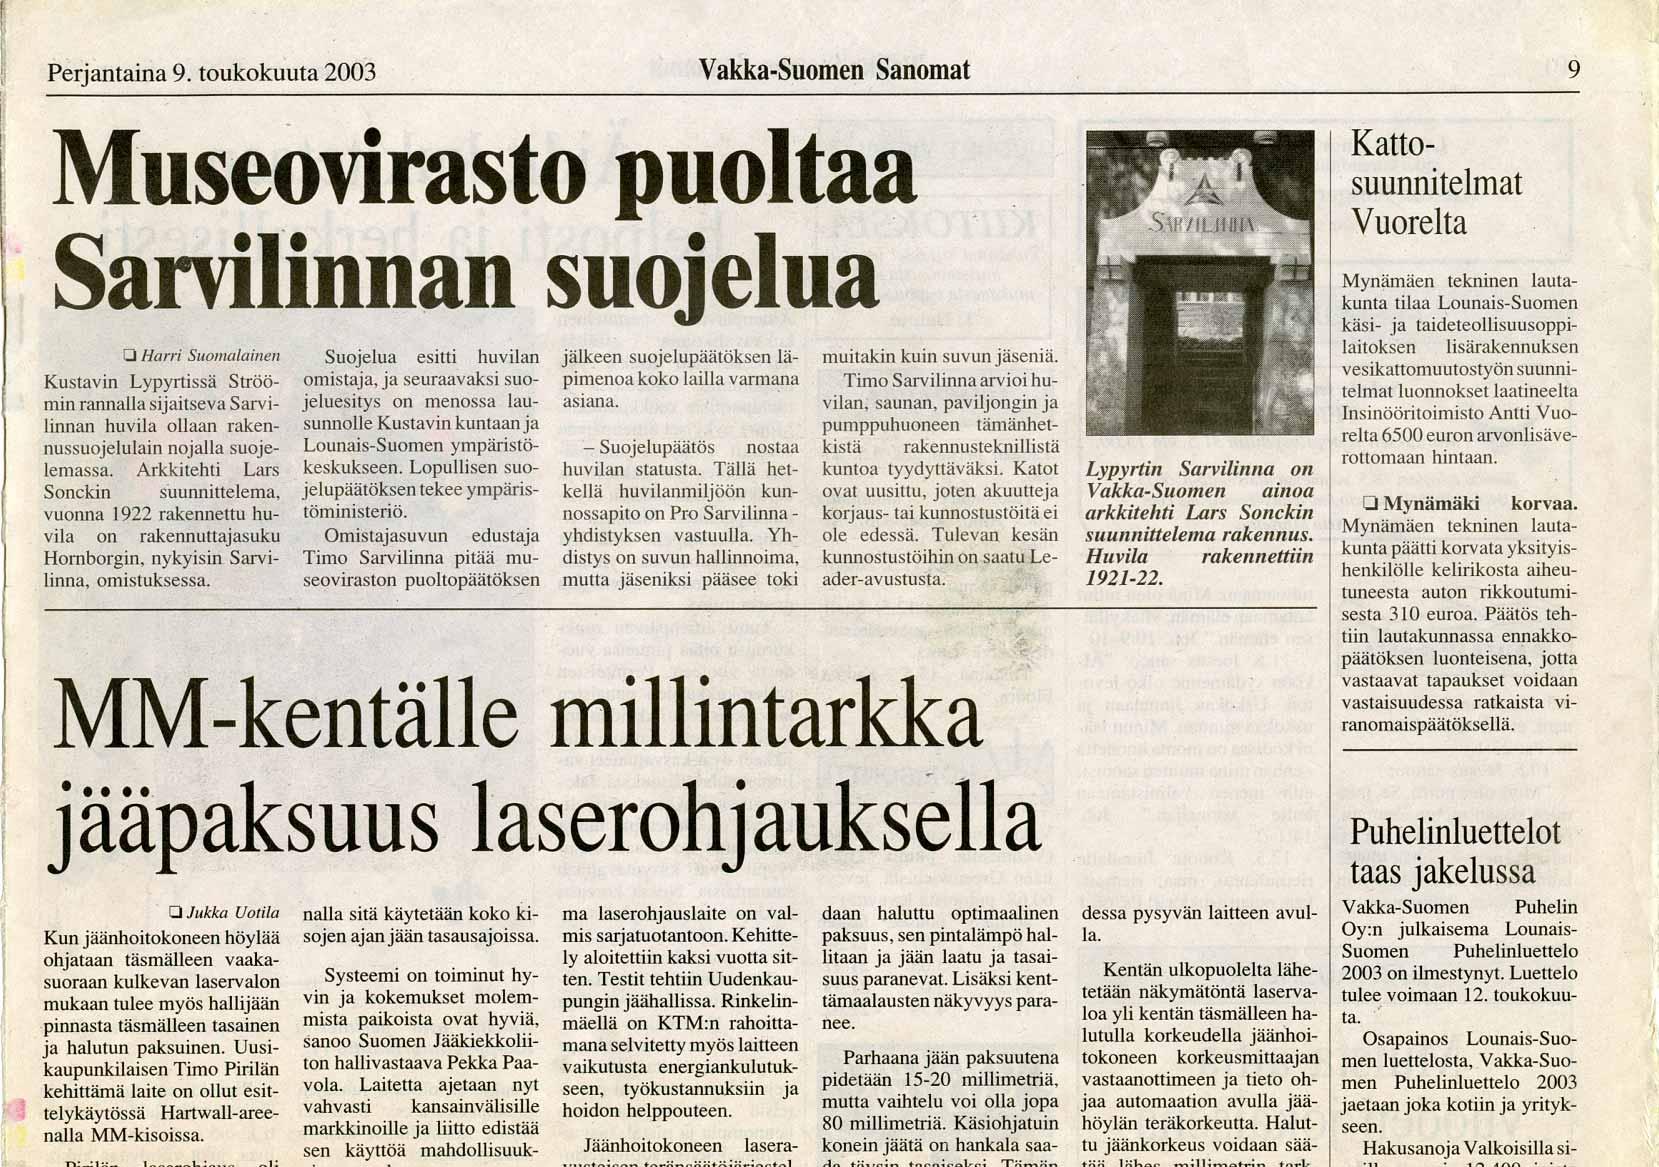 Vakka-Suomen Sanomat 9.5.2003